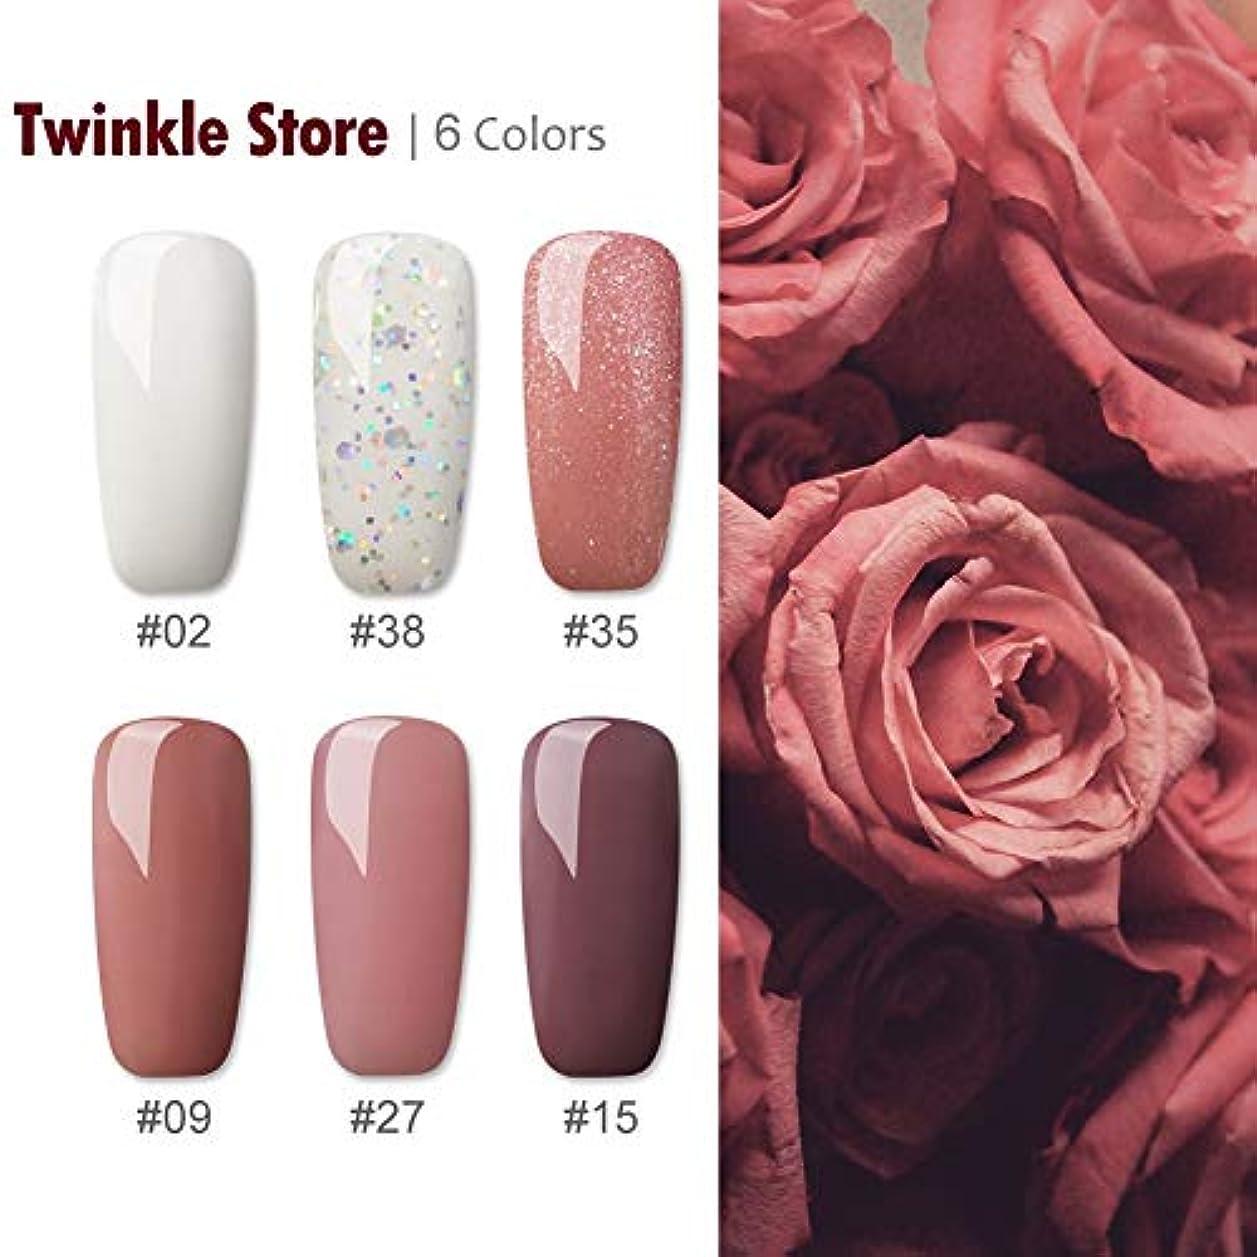 浸す最もブランド名Twinkle Store ジェルネイルカラー 6カラージェルネイル カラージェル 自宅ネイル セルフネイルキット ジェルネイルキット スターターキット 6本セット